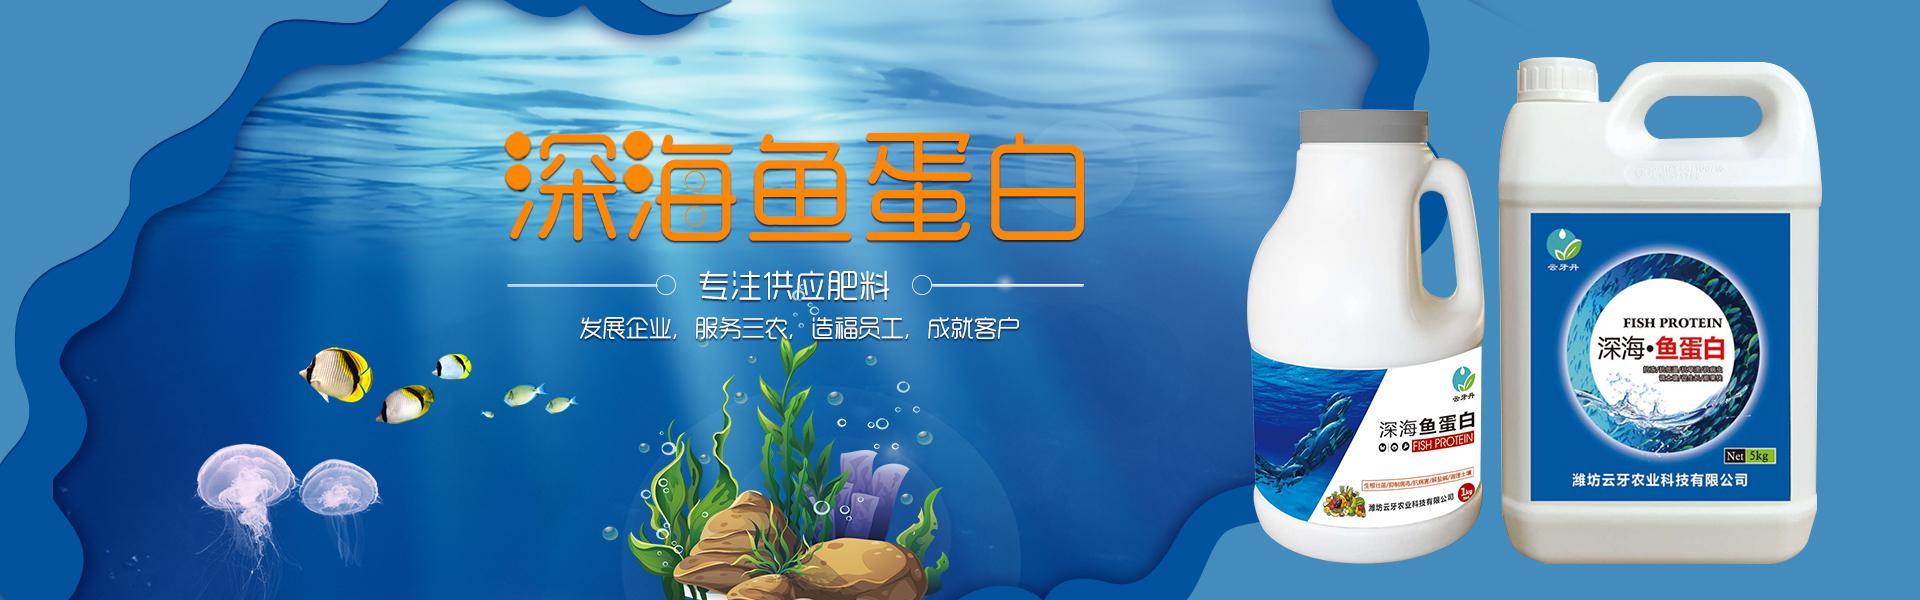 潍坊云牙农业科技有限公司